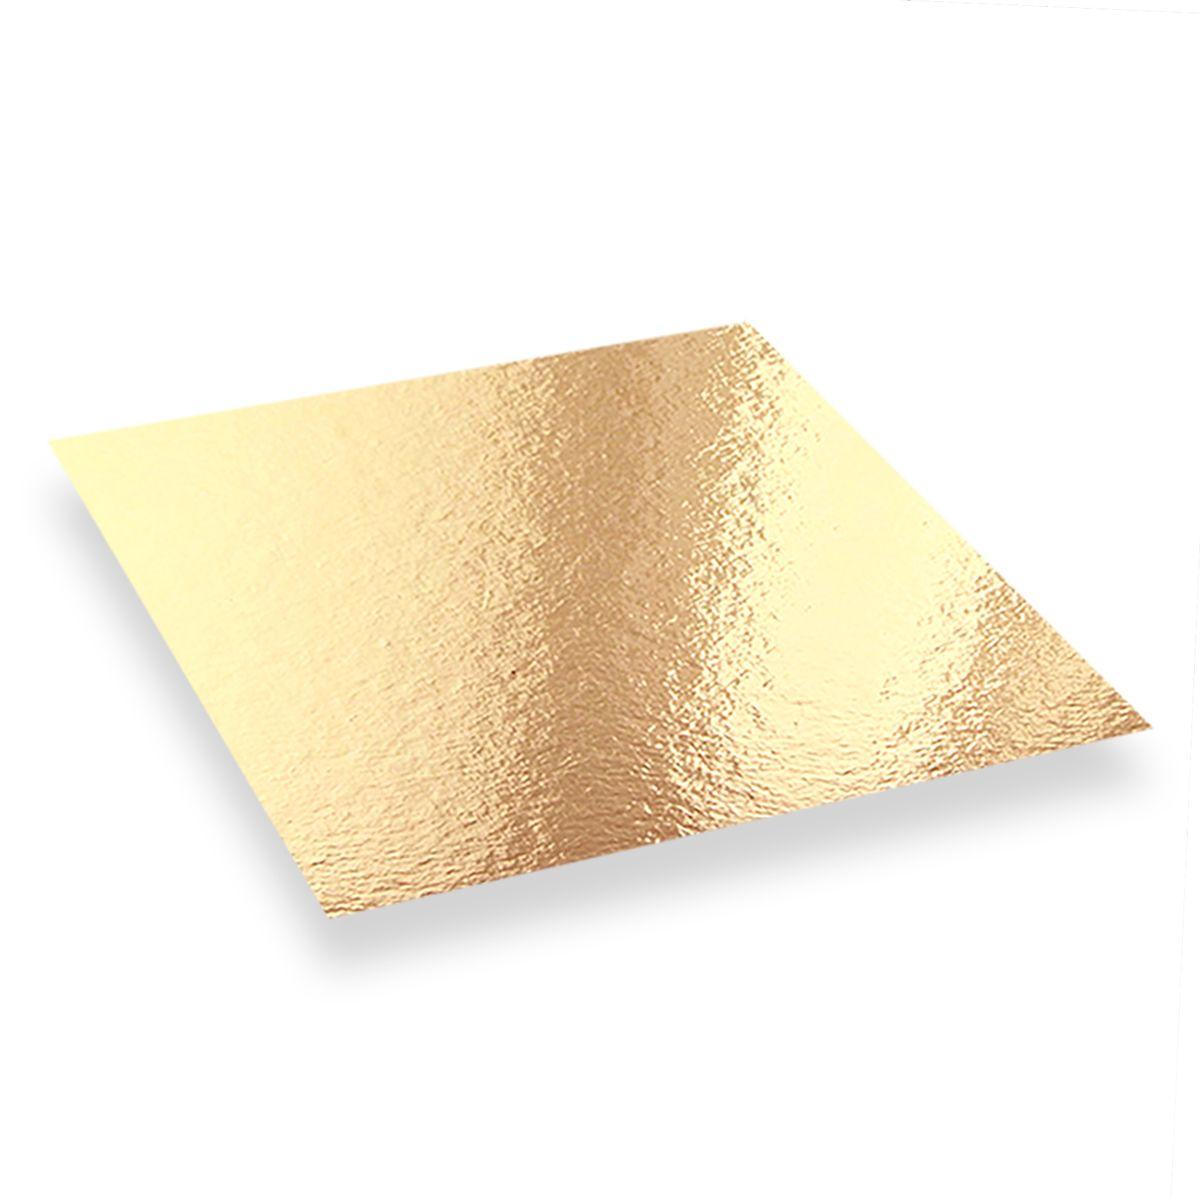 5 supports à gâteaux carrés dorés et noirs 16 x 16 cm - Patisdecor